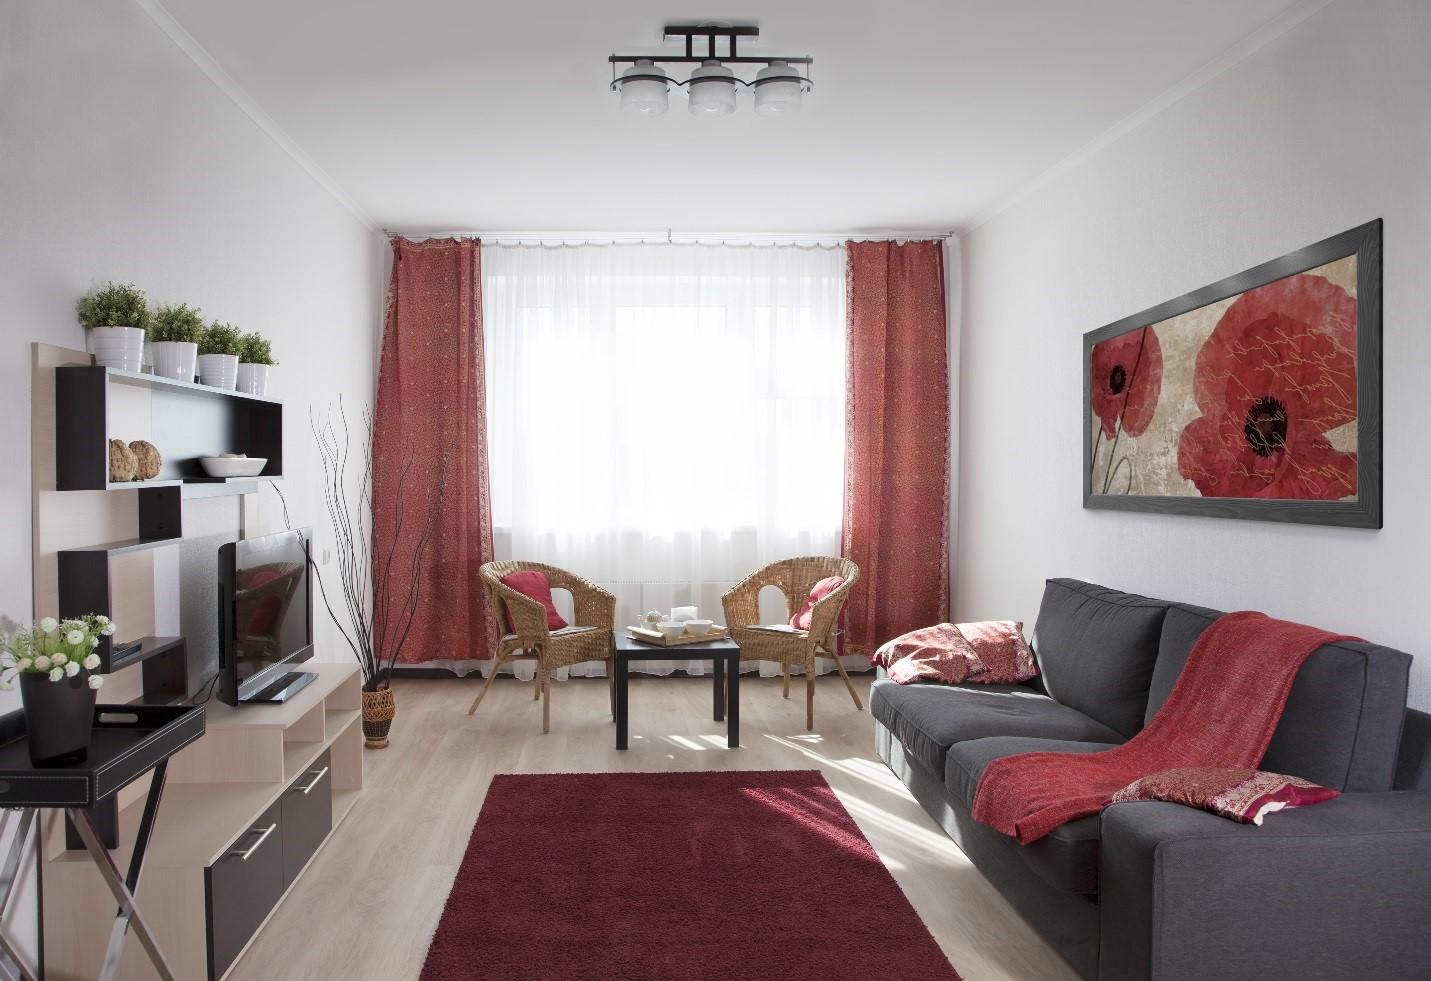 как сделать расстановку мебели в квартире